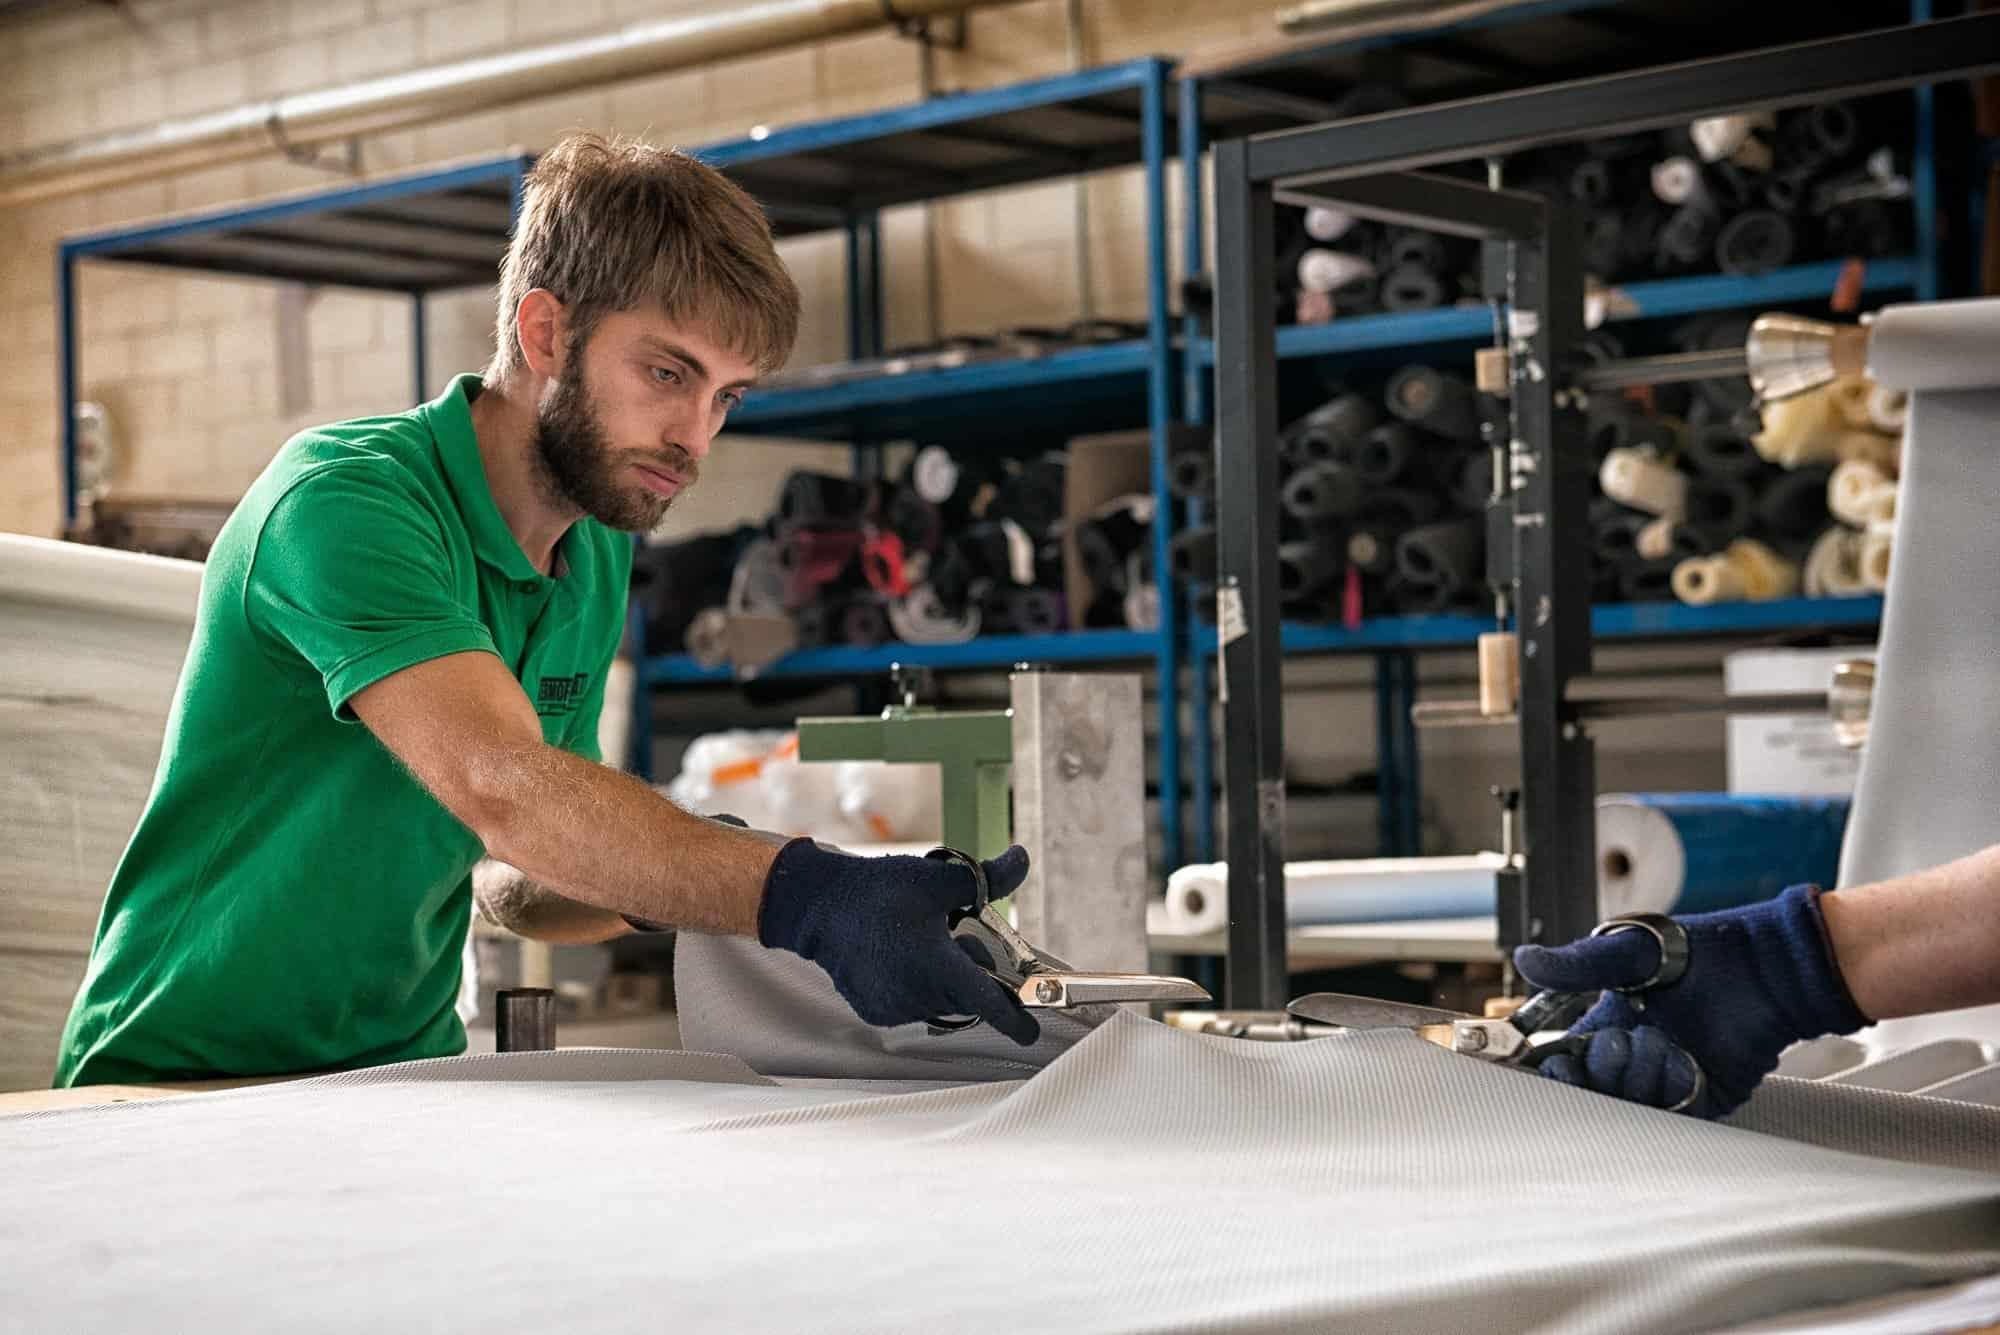 reportage industriale milano termoformati italia